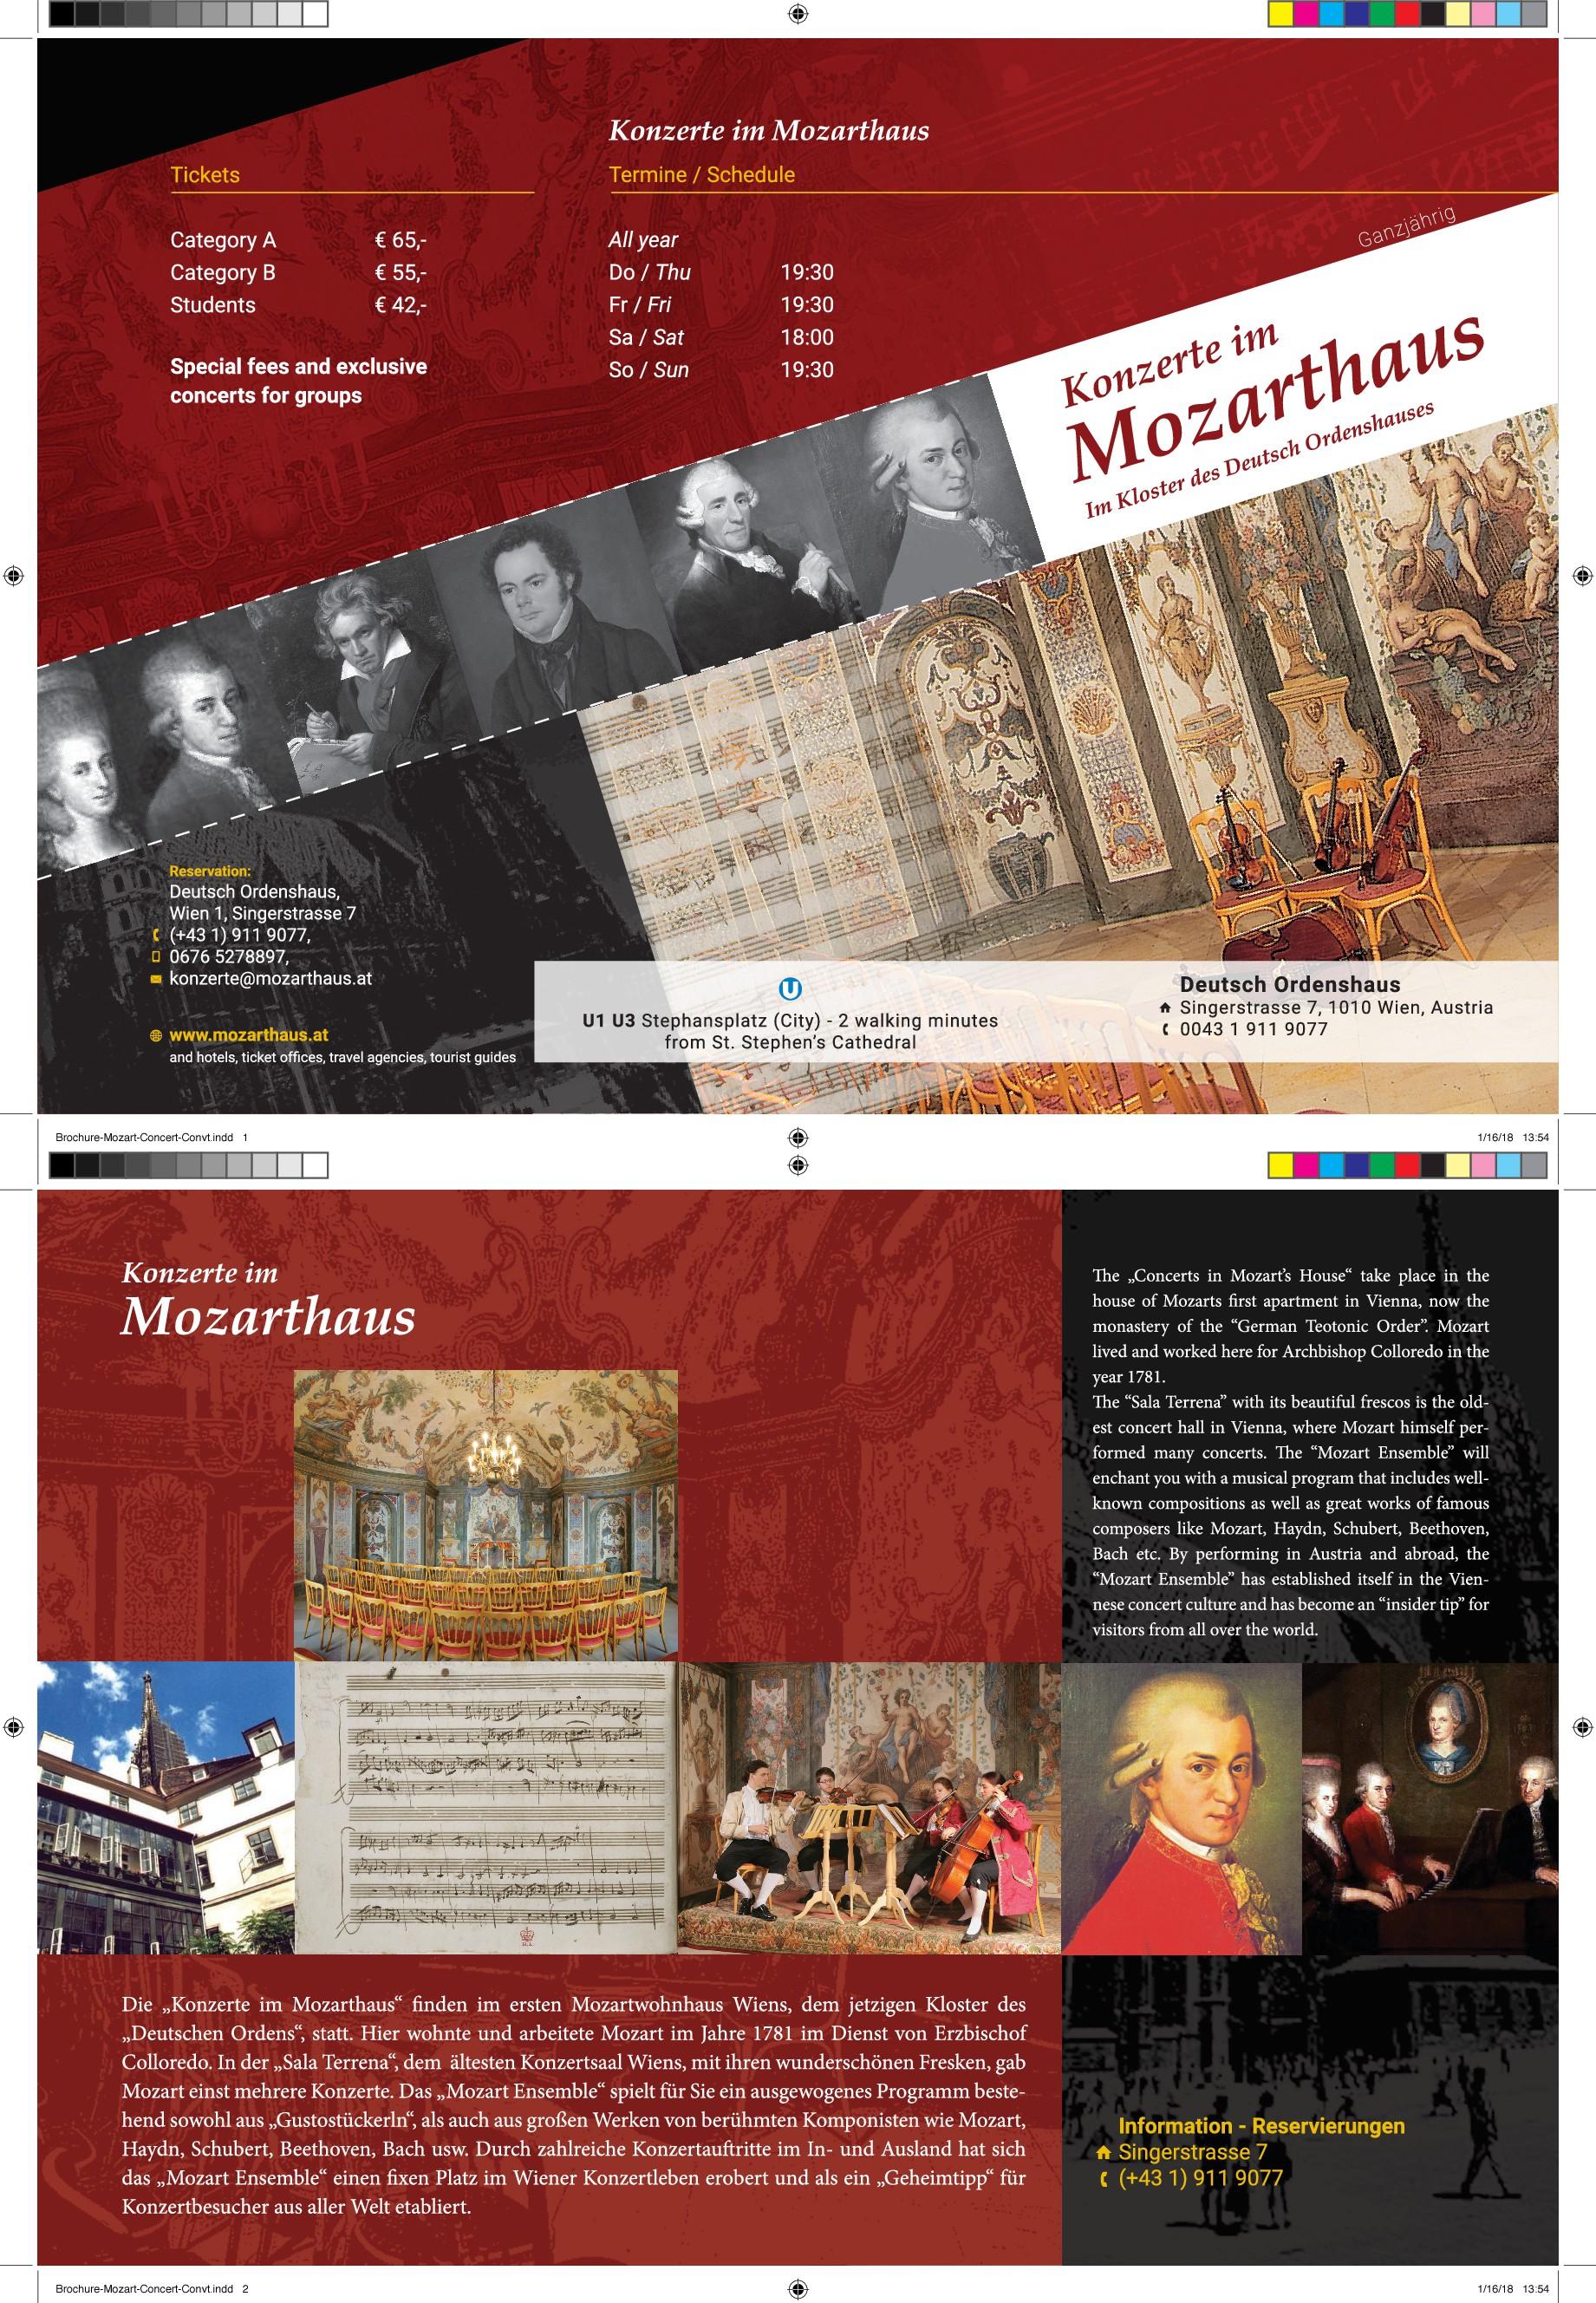 Klassisches Konzert in Wien braucht schöne Broschüre für Ihre Gäste